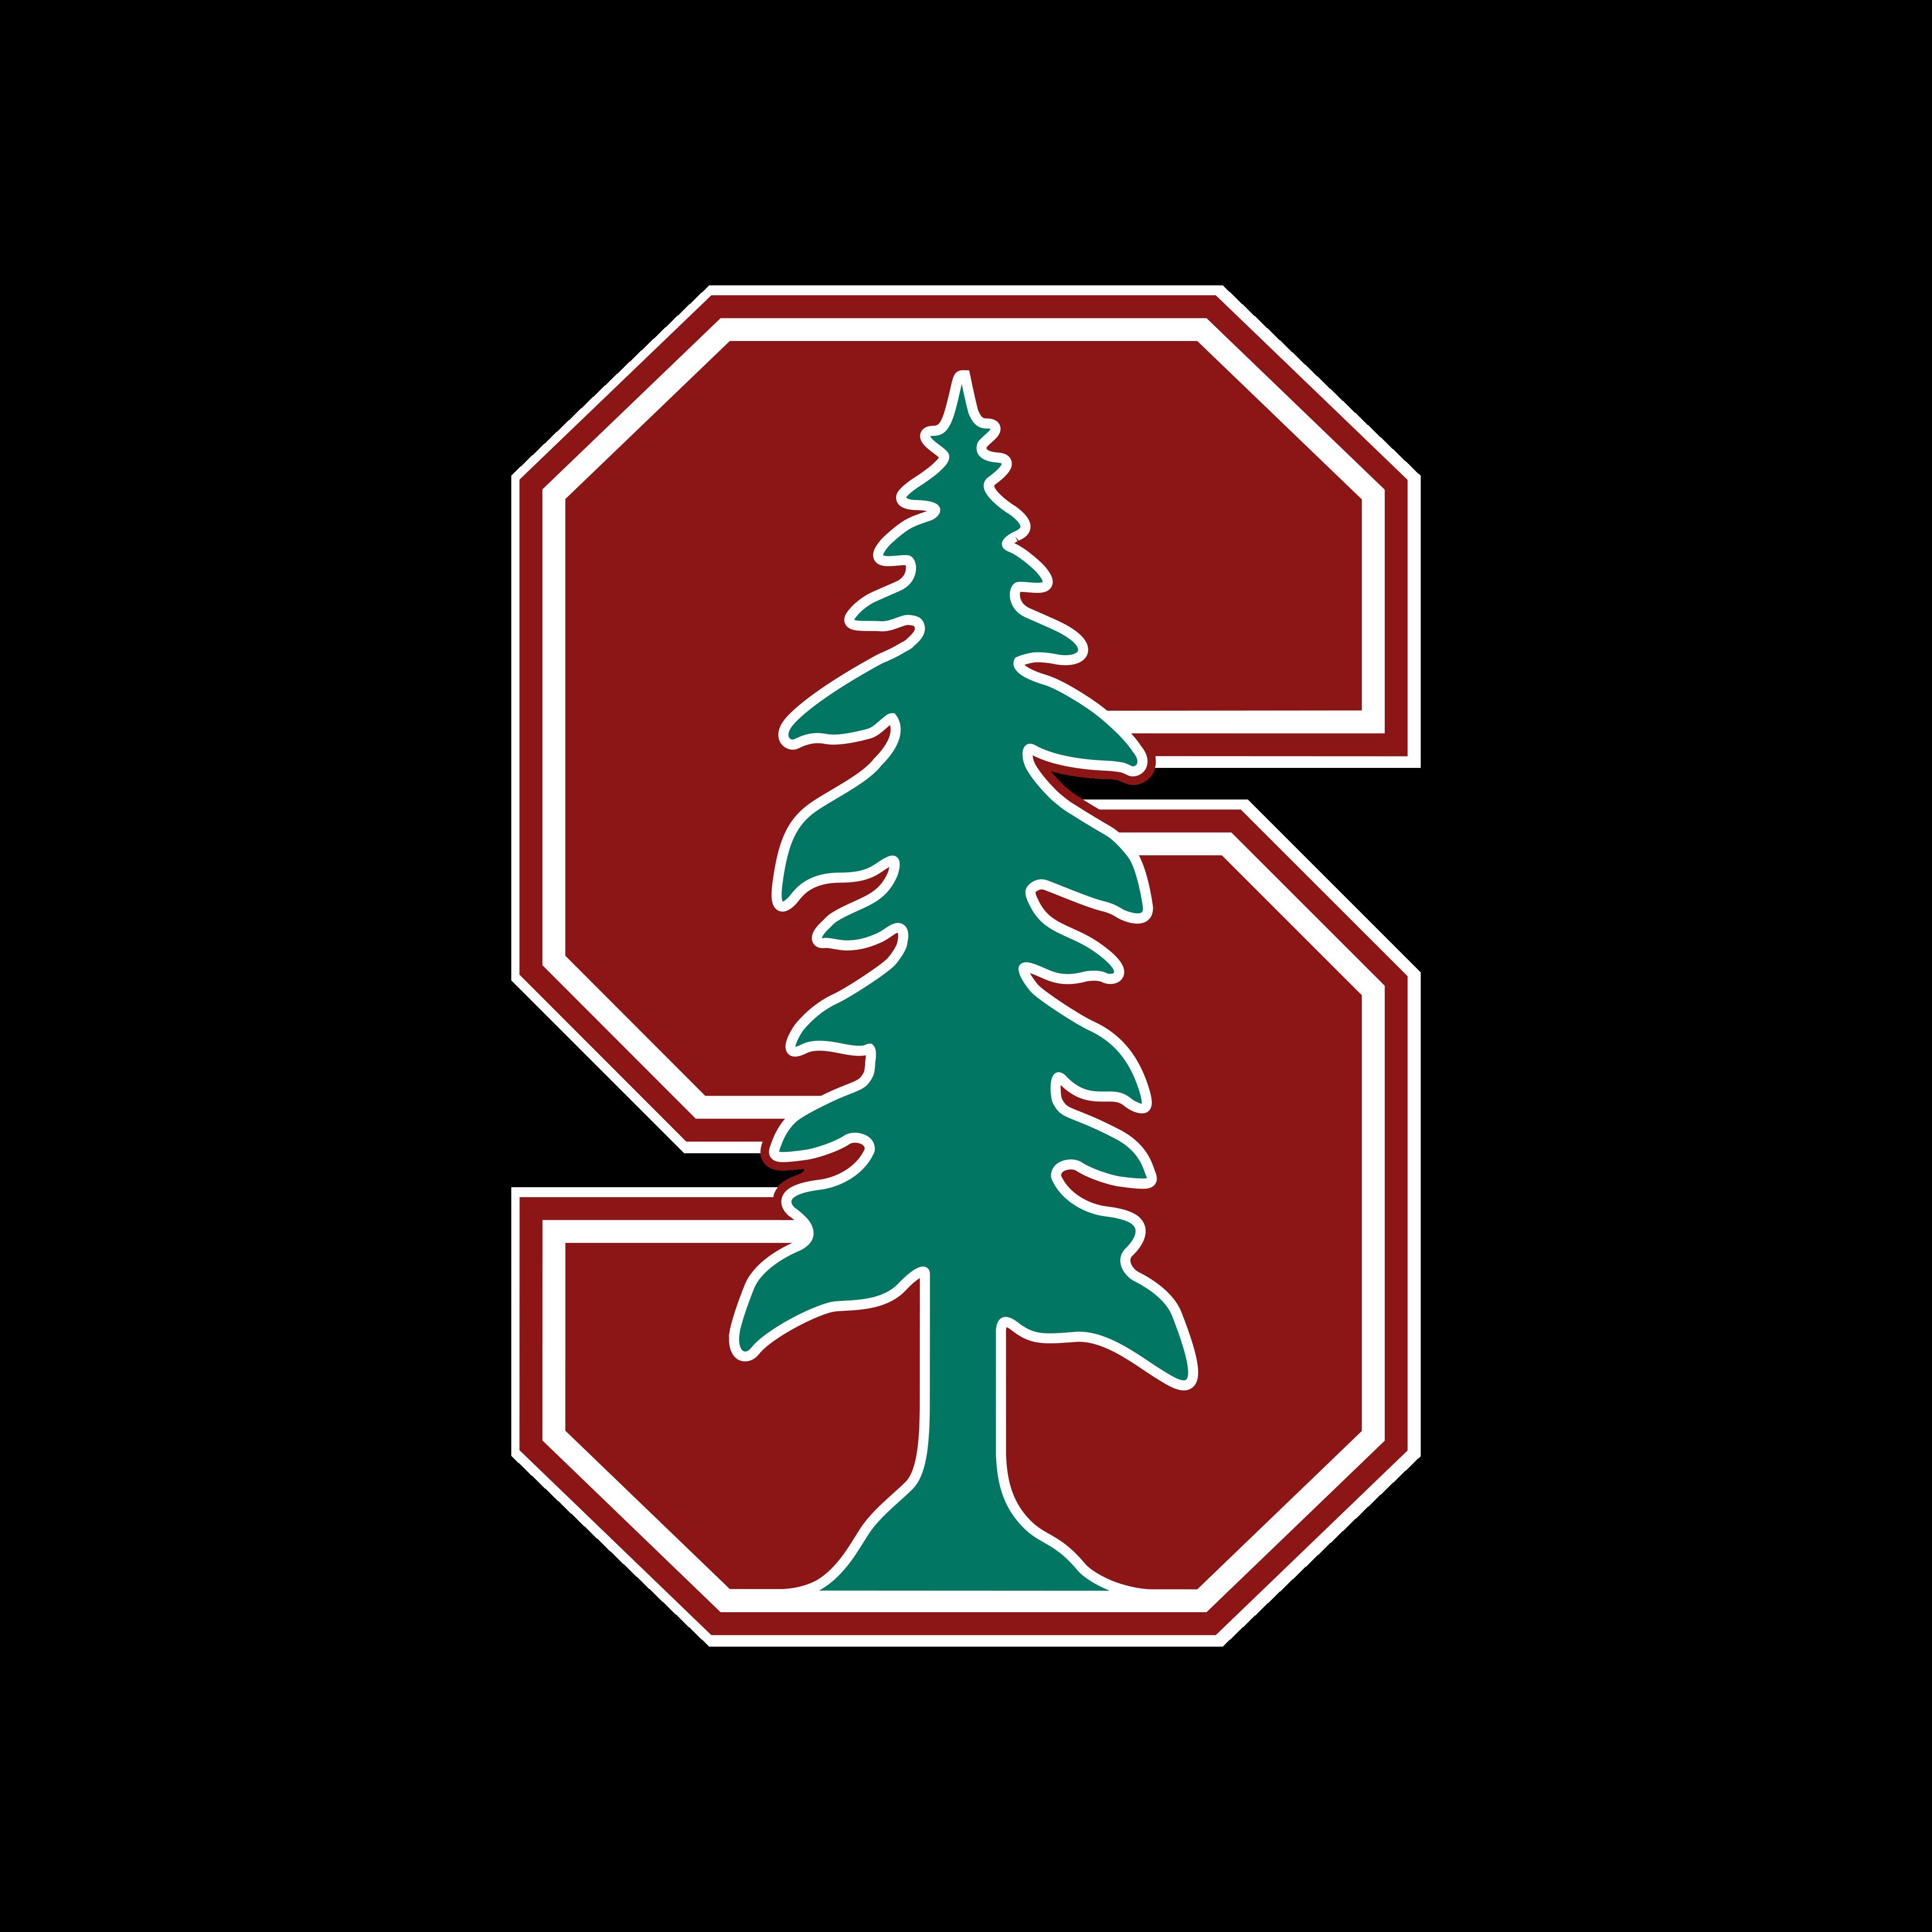 stanford university logo 0 - Universidad Stanford Logo